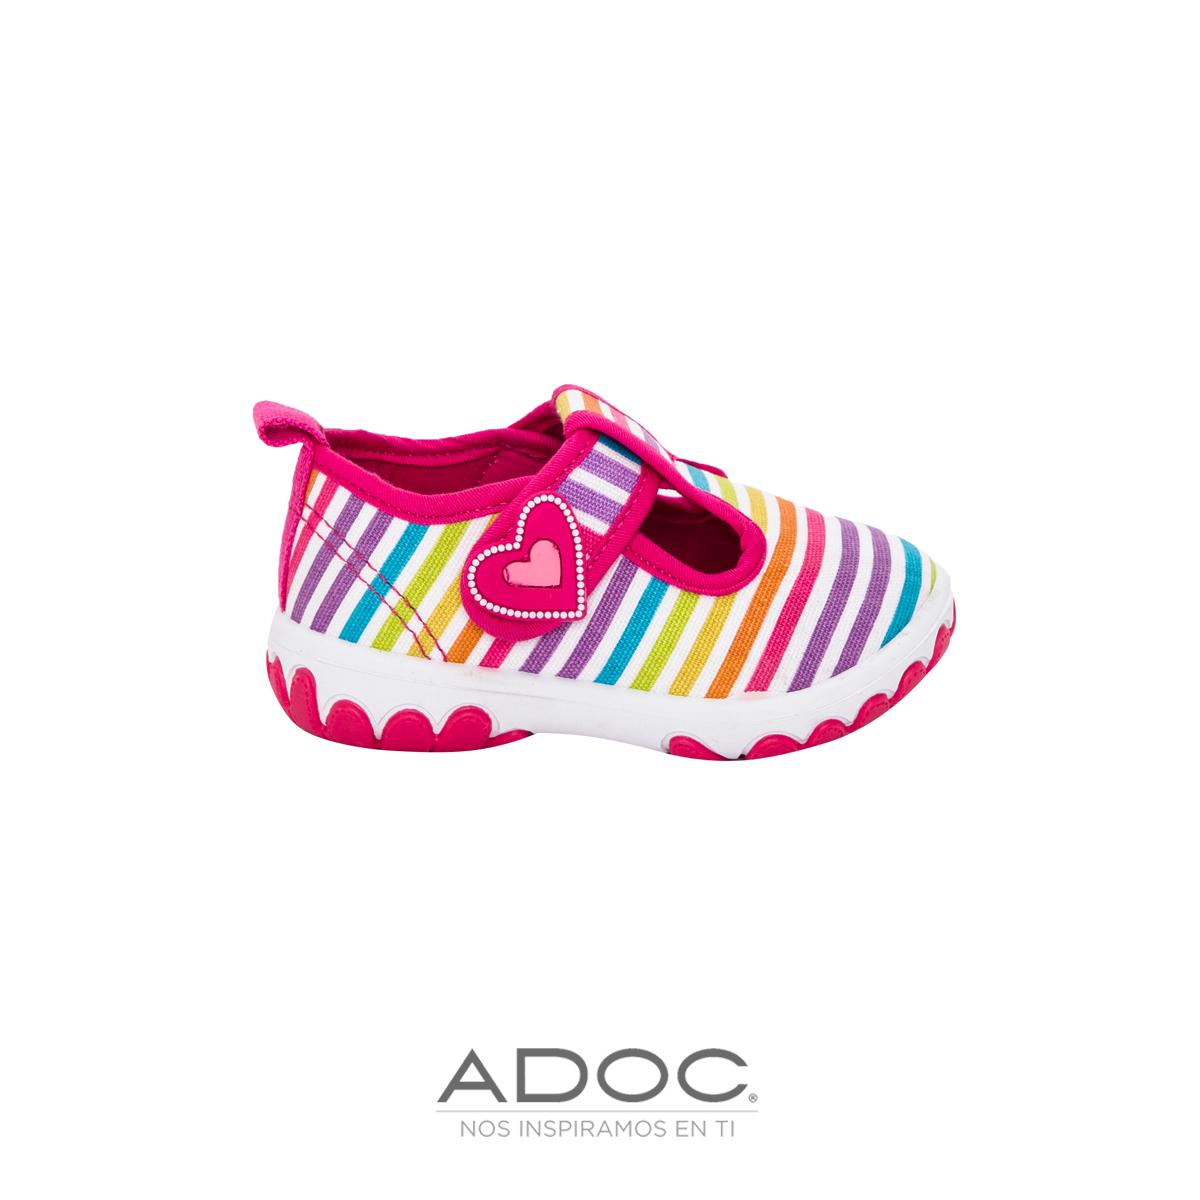 3d9789e3 Zapatos para niña disponibles en tiendas ADOC de Centroamérica ...